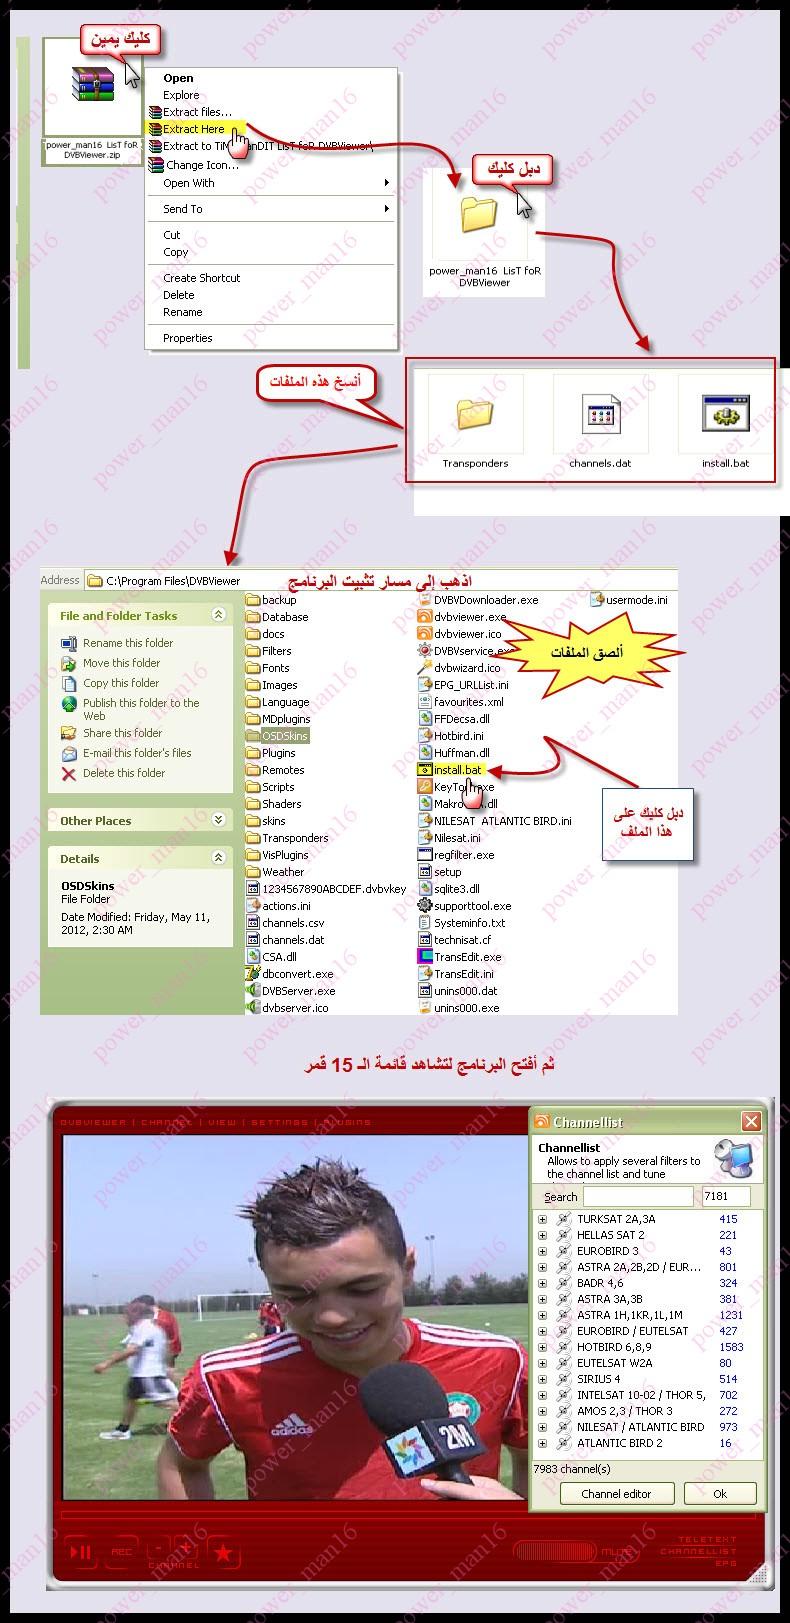 سارع وحمل ملف قنوات جديد 15 قمر لبرنامج الفيور 2013/4/19